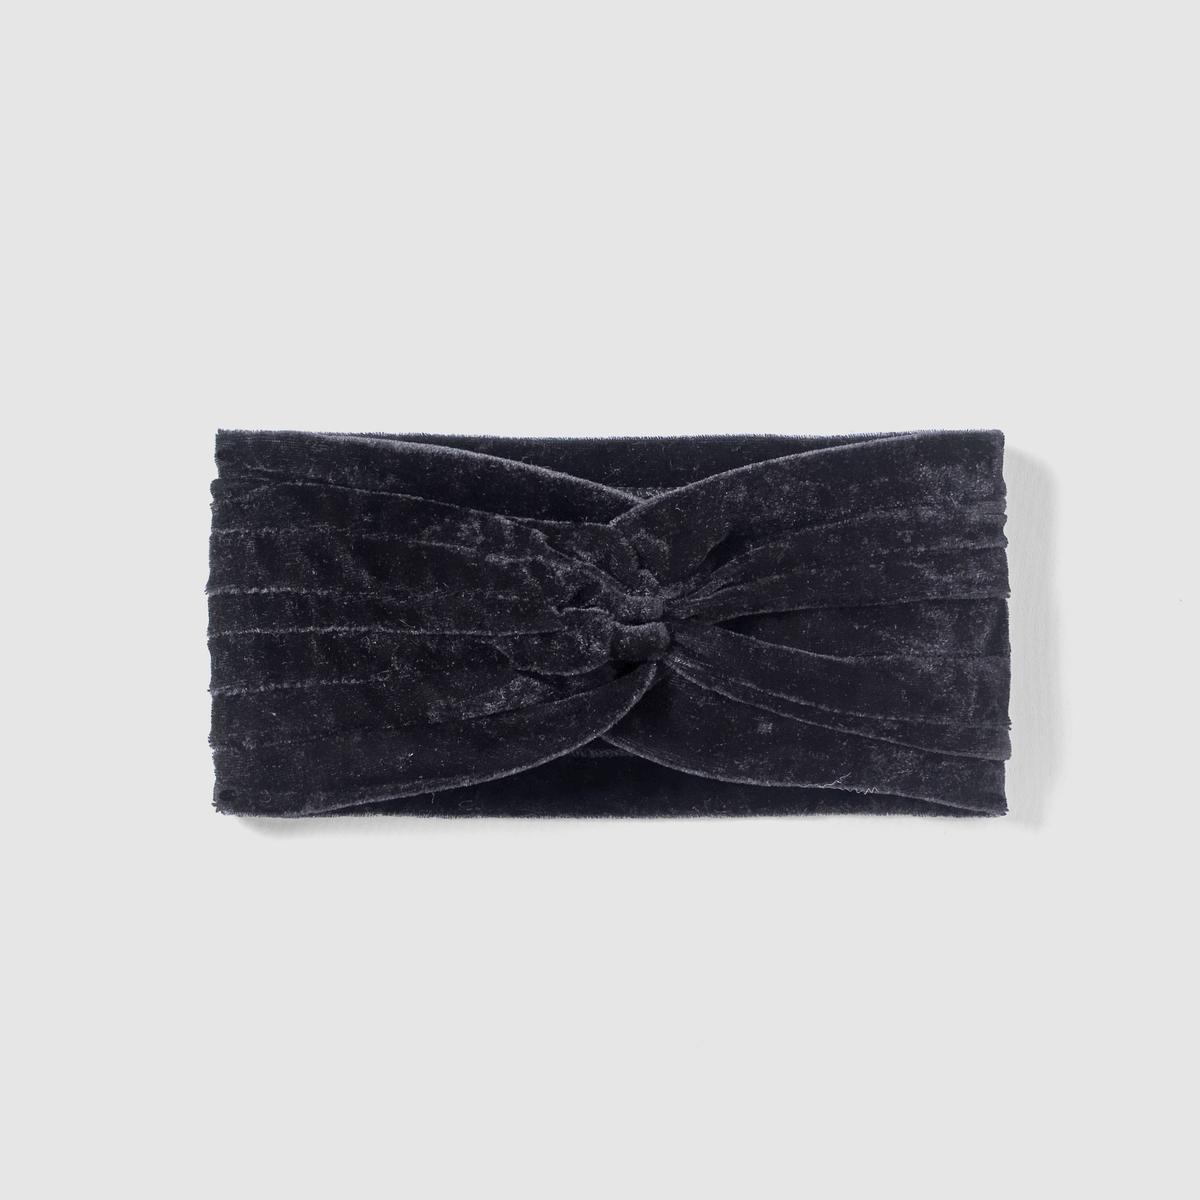 Повязка из велюраПовязка из велюра от mademoiselle R.Материал : 100% текстиль с бархатным эффектом.Размеры. : 24 x 8 см . Модный аксессуар под велюр, женственный и изысканный в любое время года .<br><br>Цвет: черный